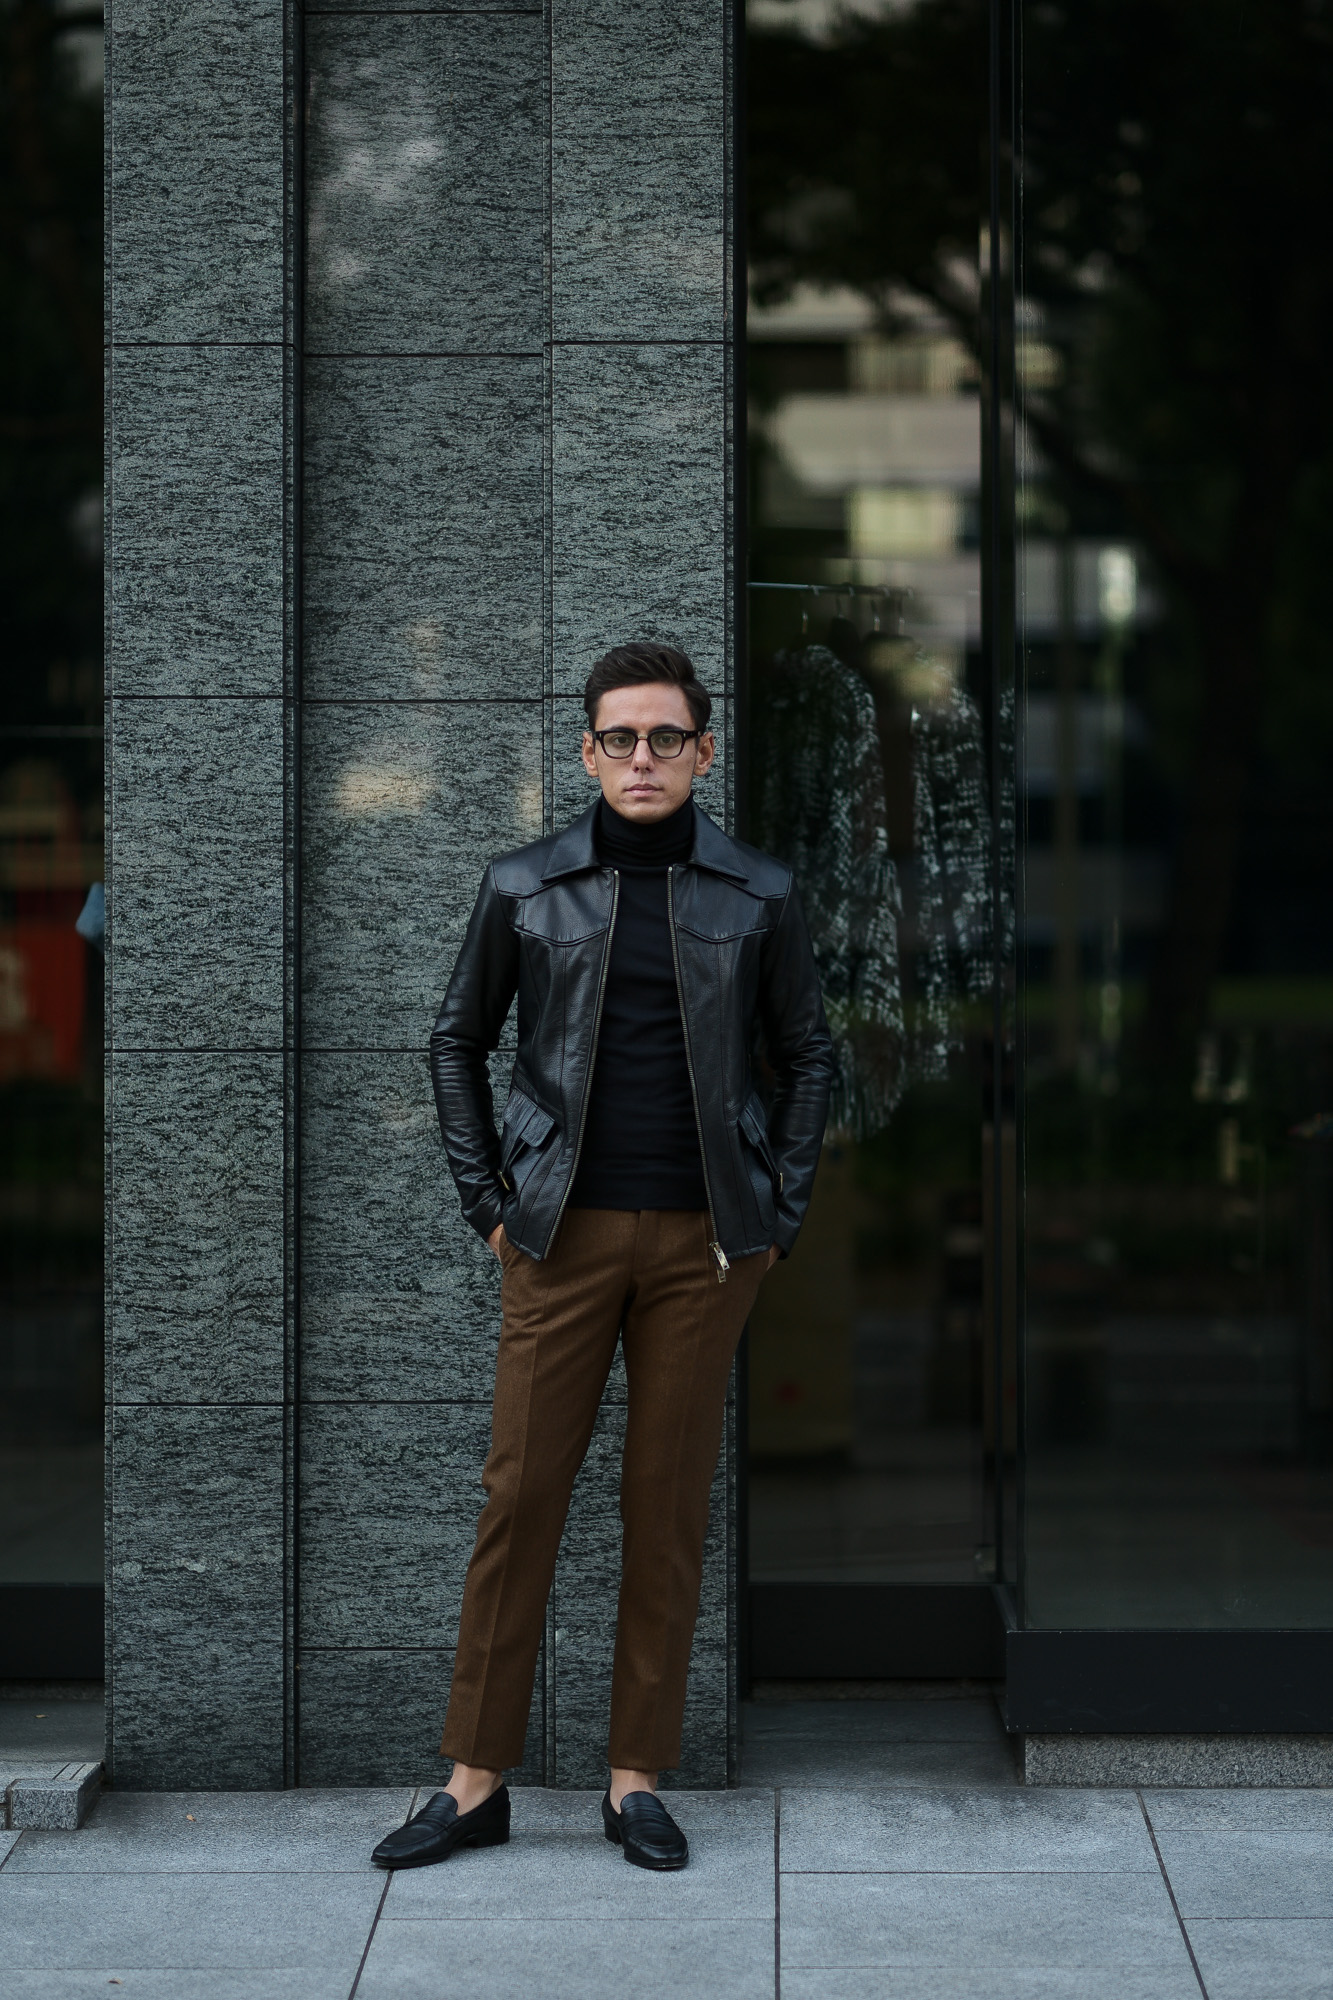 Cuervo (クエルボ) Satisfaction Leather Collection (サティスファクション レザー コレクション) East West(イーストウエスト)  SMOKE(スモーク) BUFFALO LEATHER (バッファロー レザー) レザージャケット BLACK(ブラック) MADE IN JAPAN (日本製) 2019 春夏 【ご予約開始】 愛知 名古屋 altoediritto アルトエデリット 洋服屋 レザージャケット サウスパラディソ eastwest